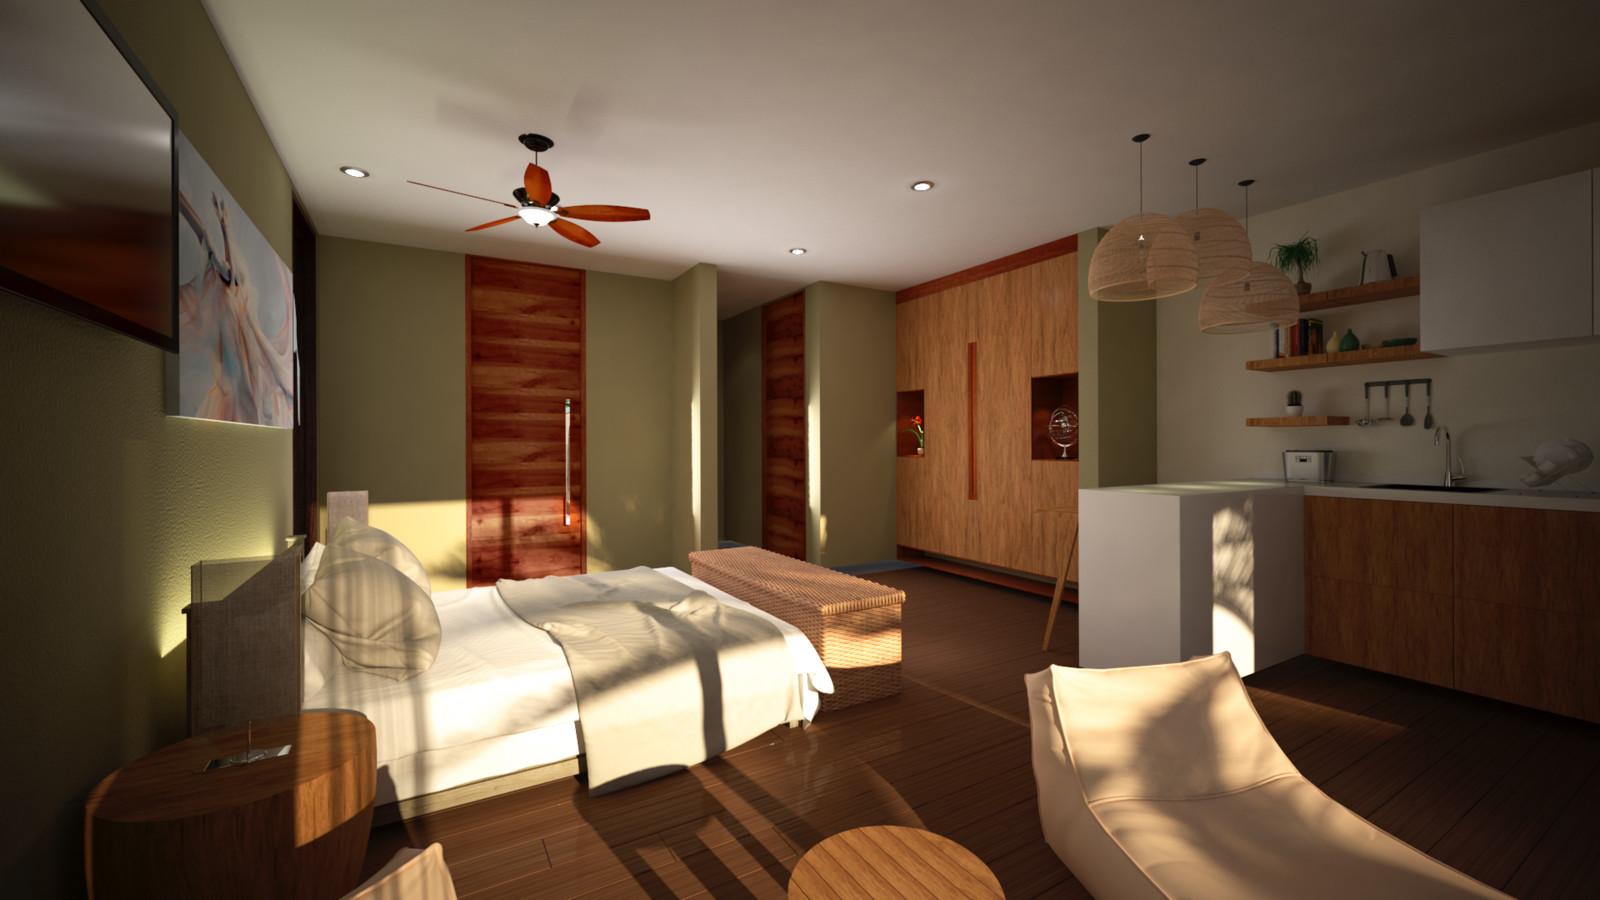 MBH_room 1